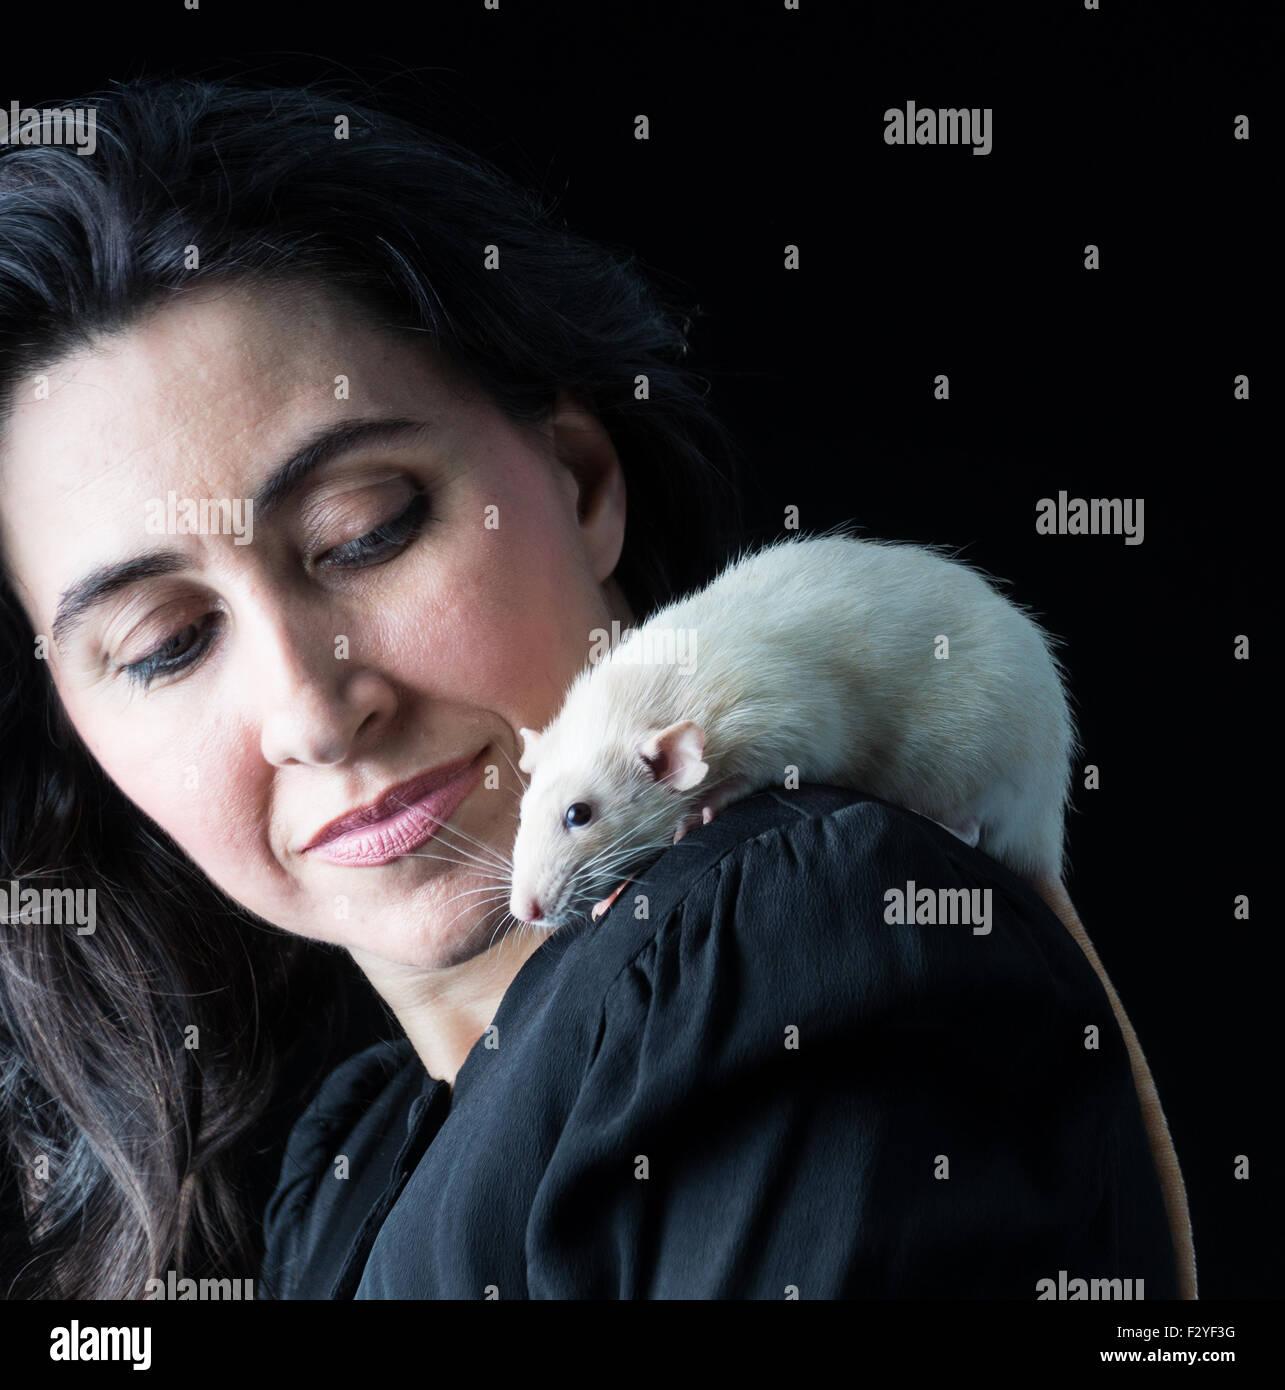 Frau in schwarz mit weißen Ratte auf der Schulter stehen Stockbild